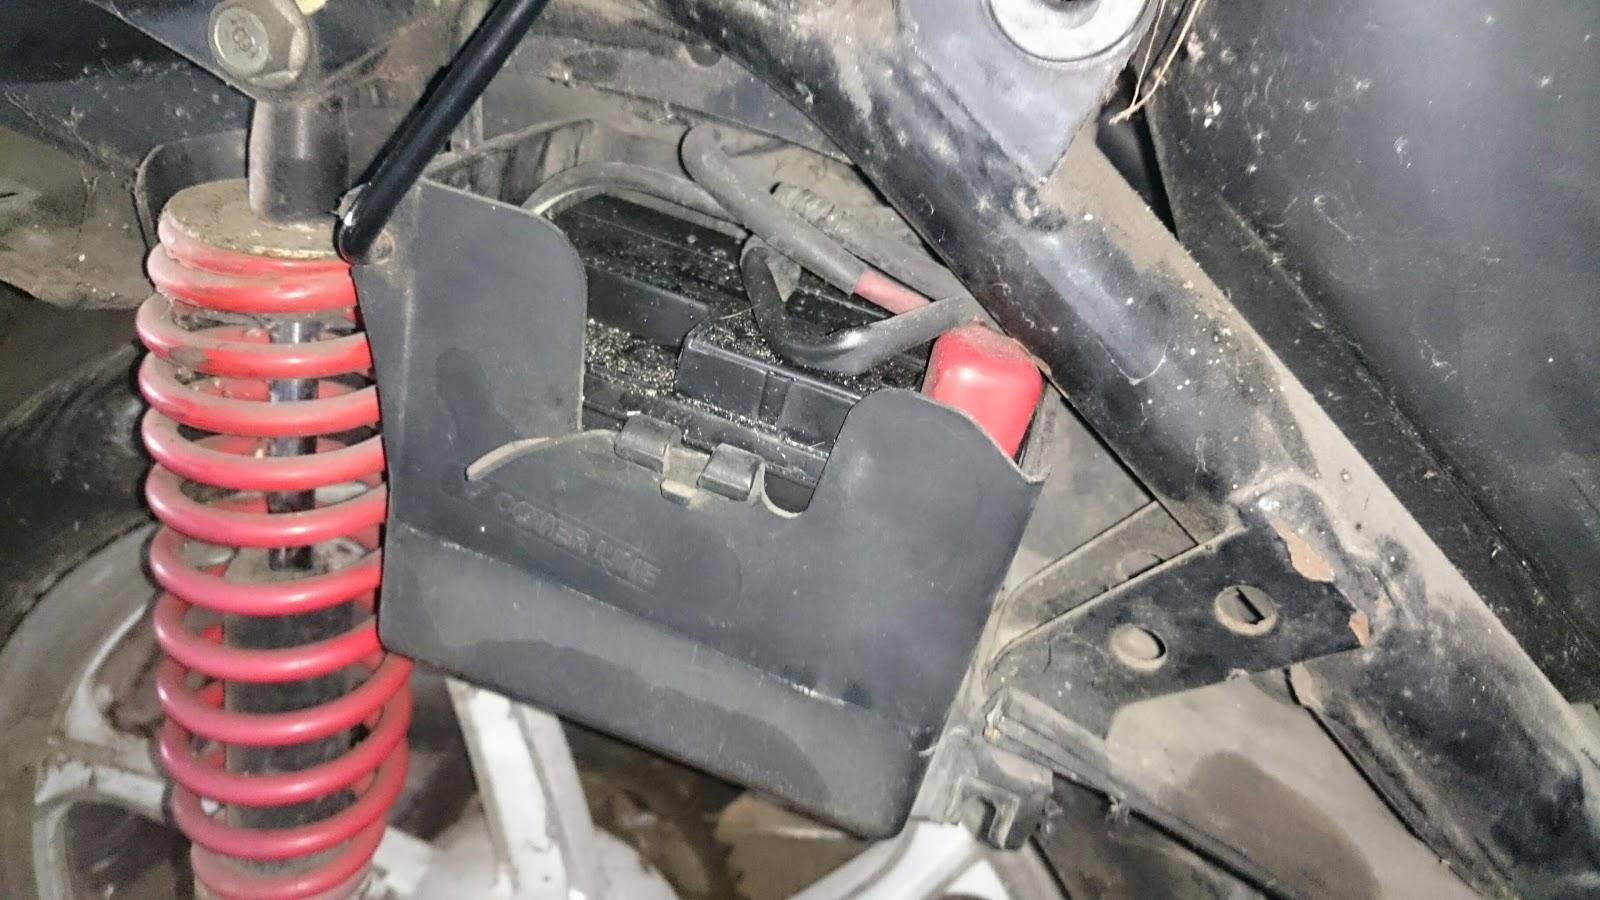 Repair Motorsikal Yang Tidak Boleh Hidup ~ BelajarBlogs